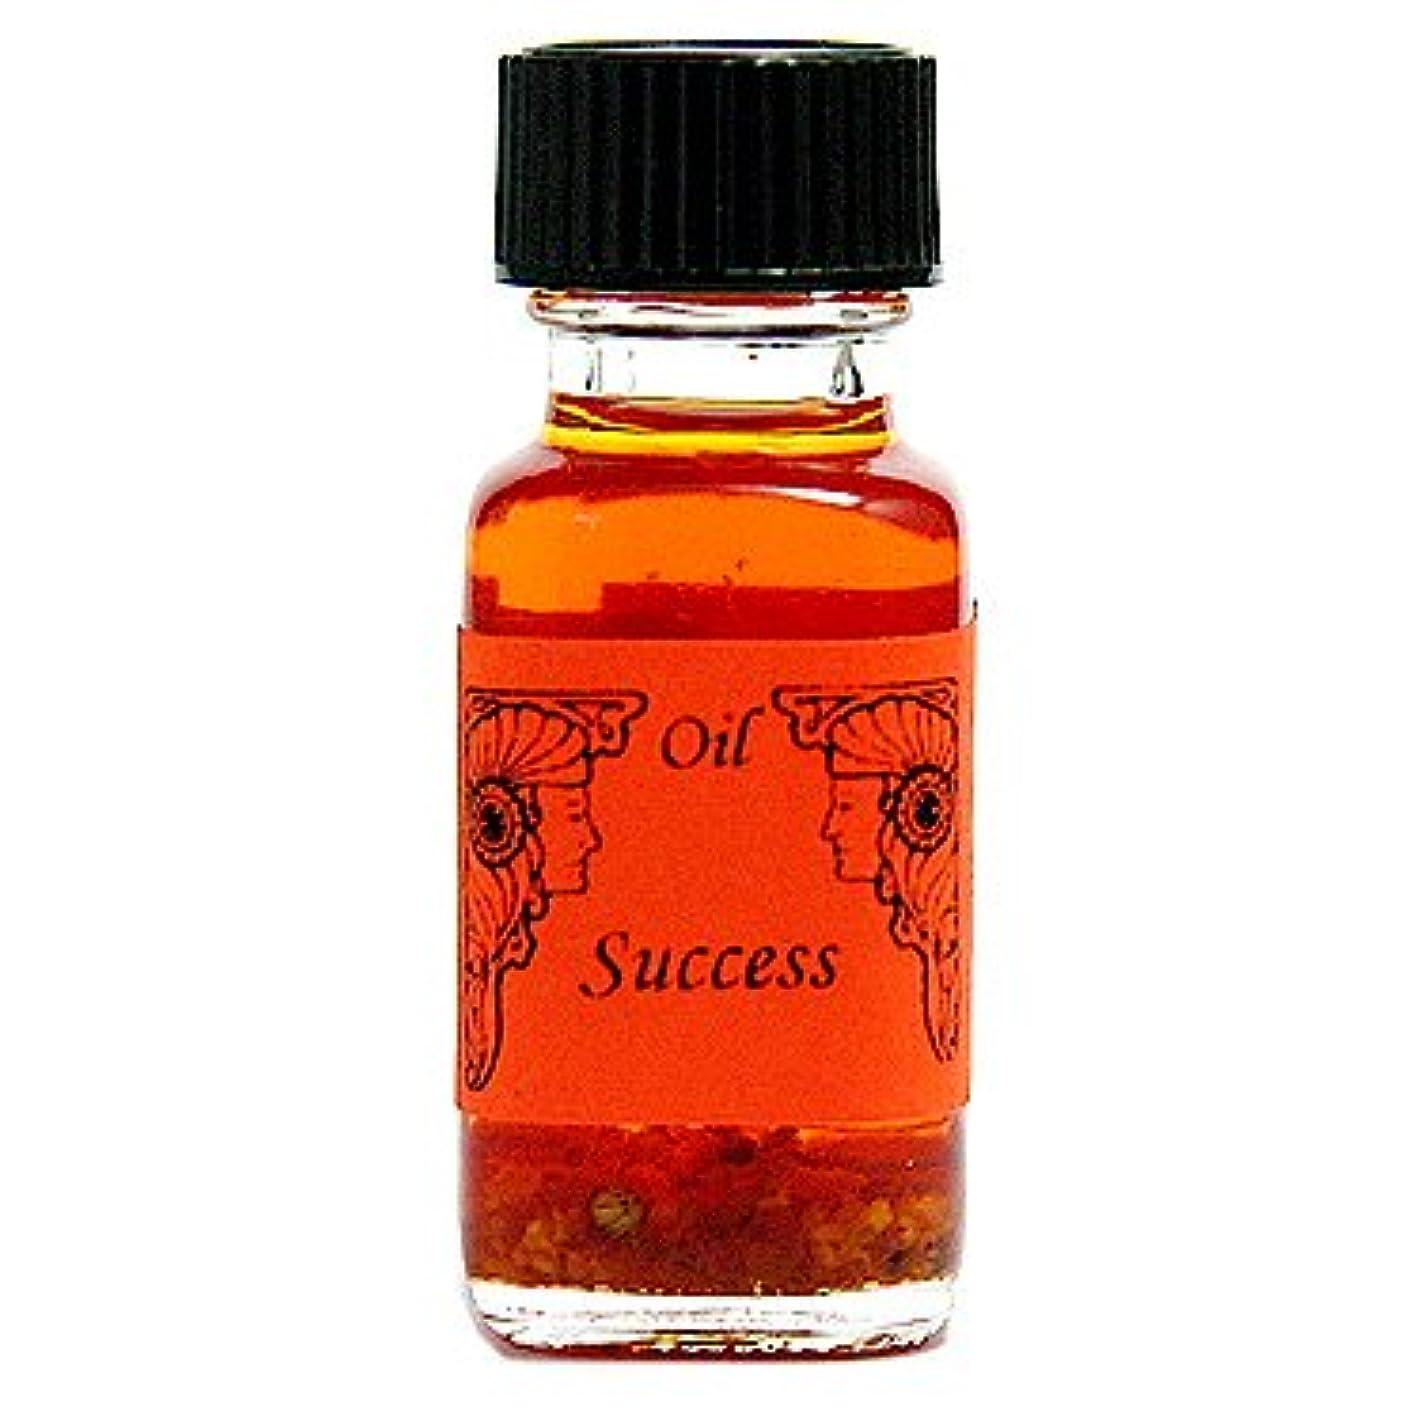 センチメートル父方のキウイアンシェントメモリーオイル サクセス (成功) 15ml (Ancient Memory Oils)